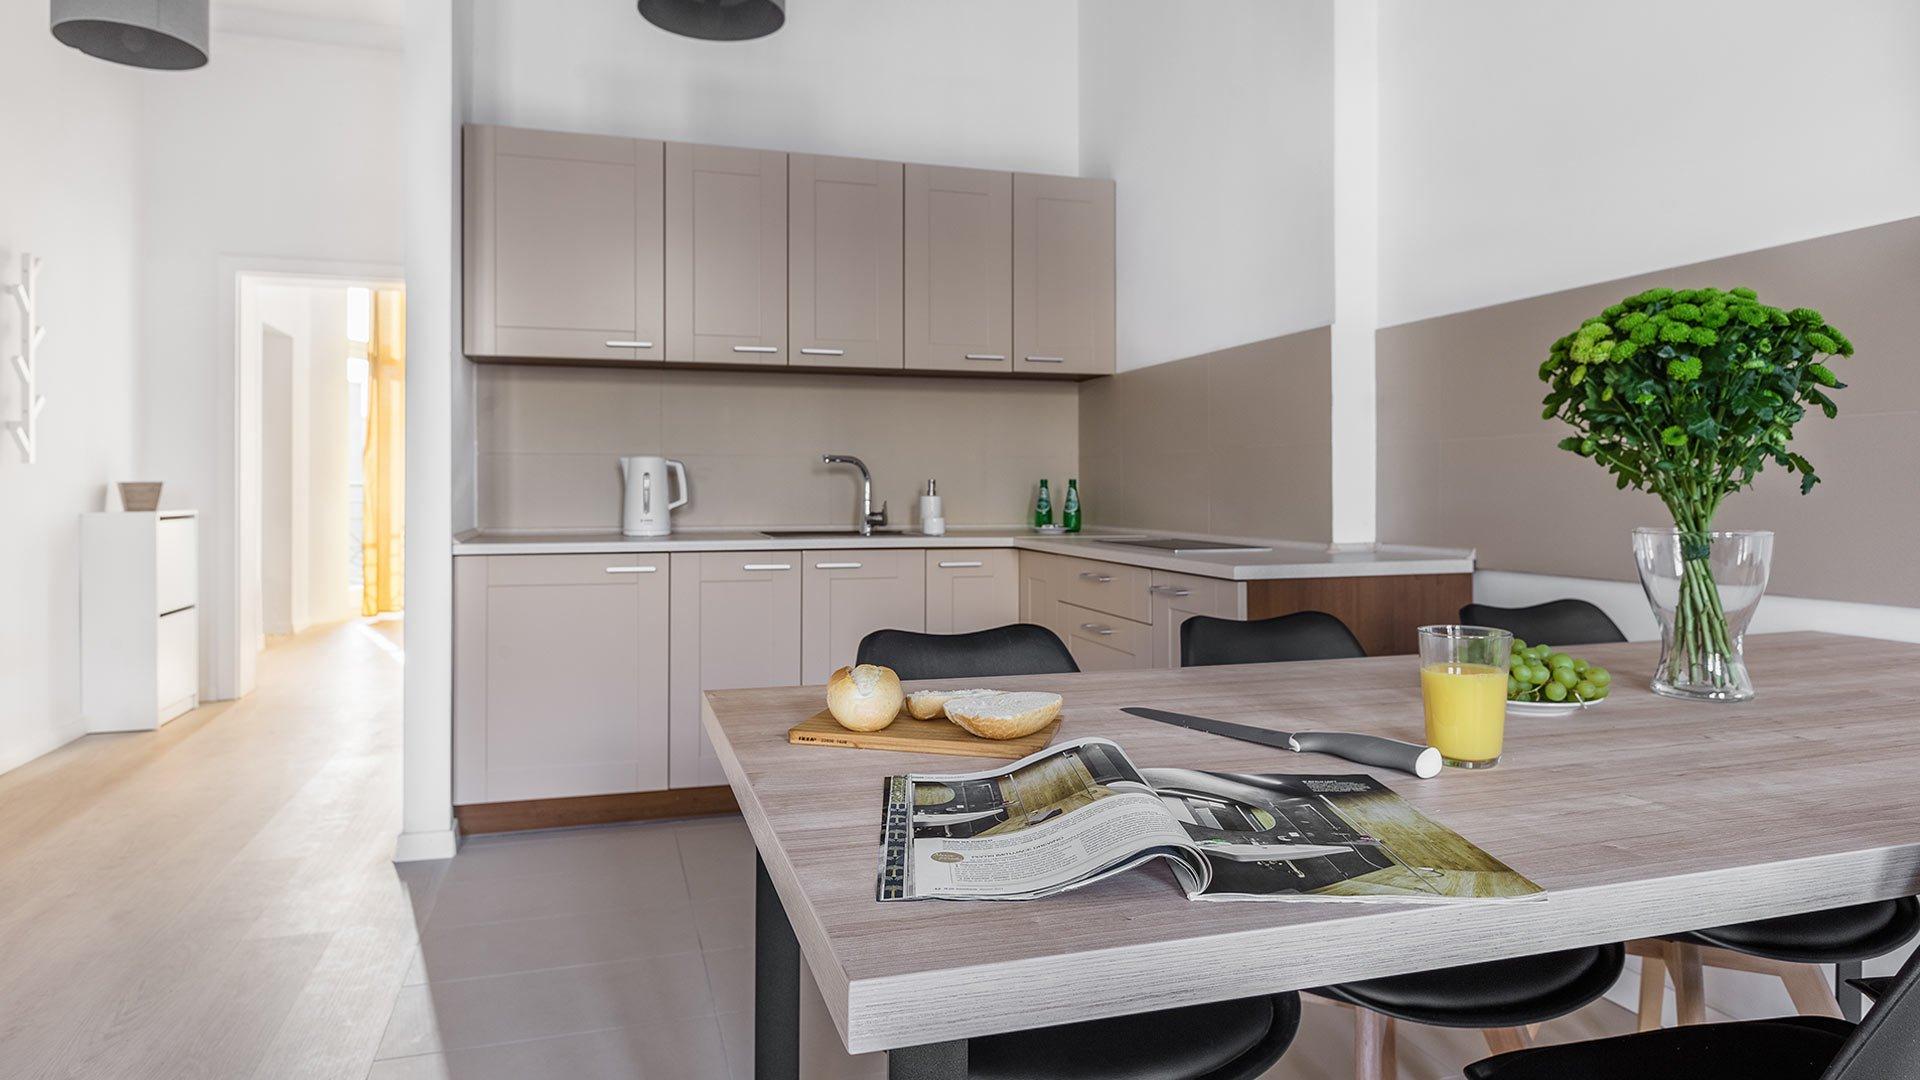 Luxusappartements Im Zentrum Von Stettin Begeistern Aparthotel